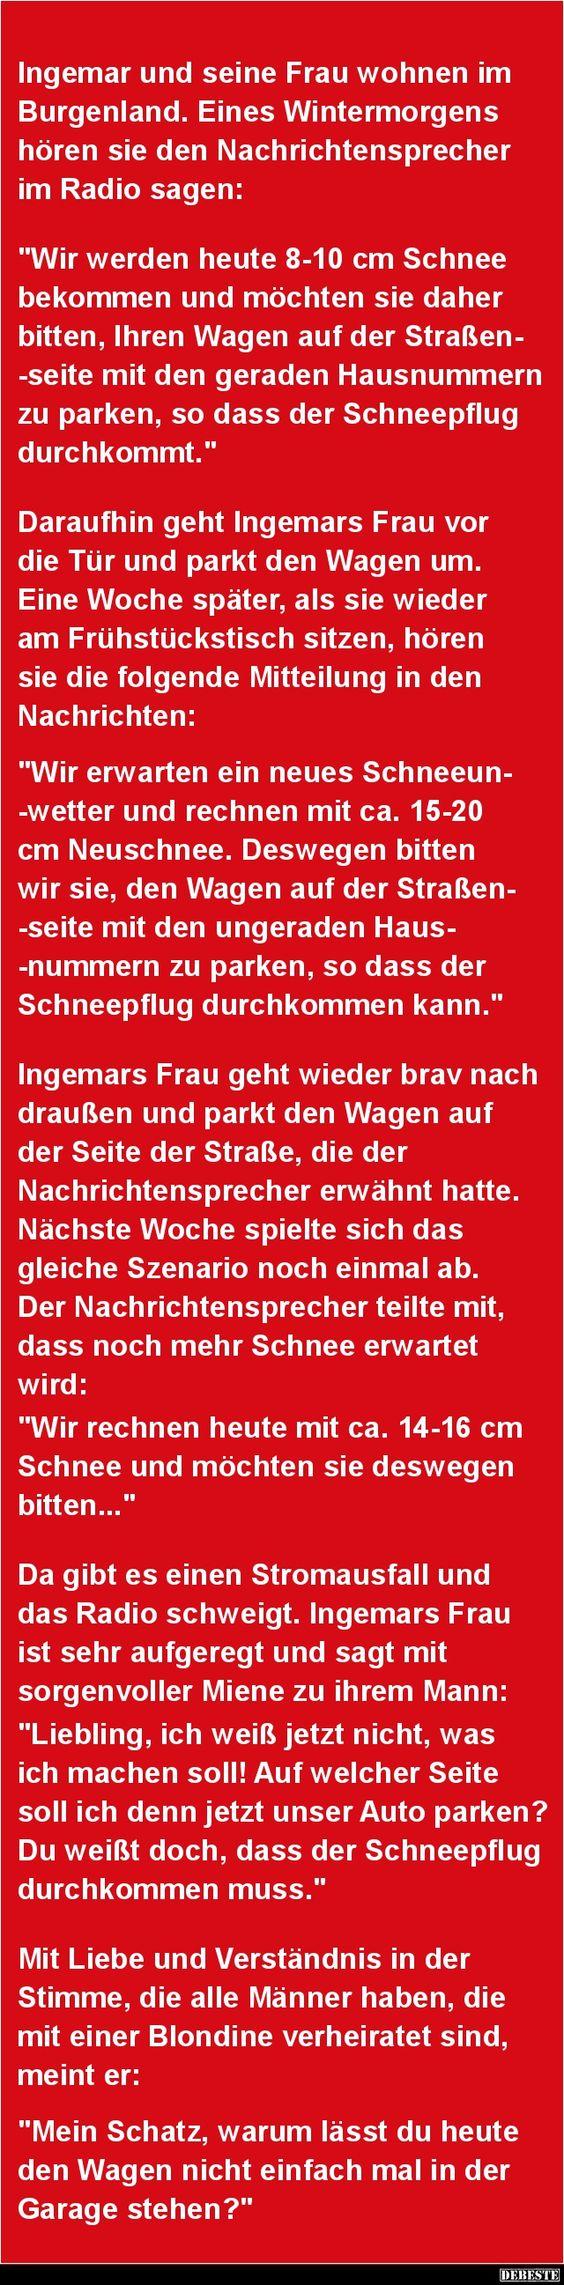 Ingemar und seine Frau wohnen im Burgenland.. | DEBESTE.de, Lustige Bilder, Sprüche, Witze und Videos